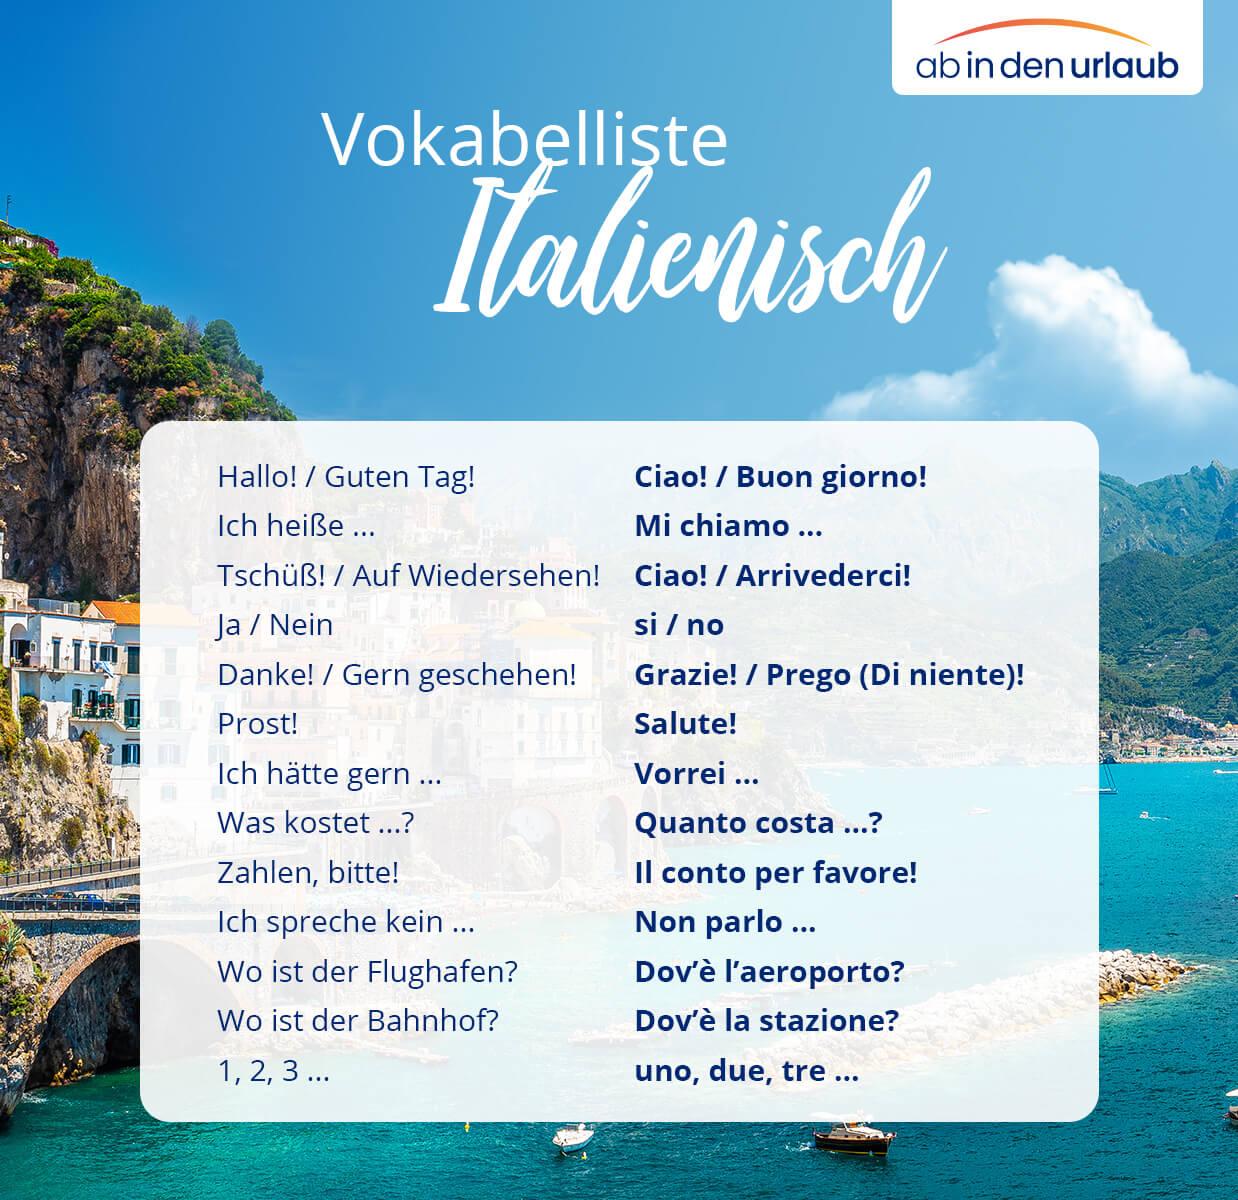 Vokalbelliste Italienisch für den Urlaub